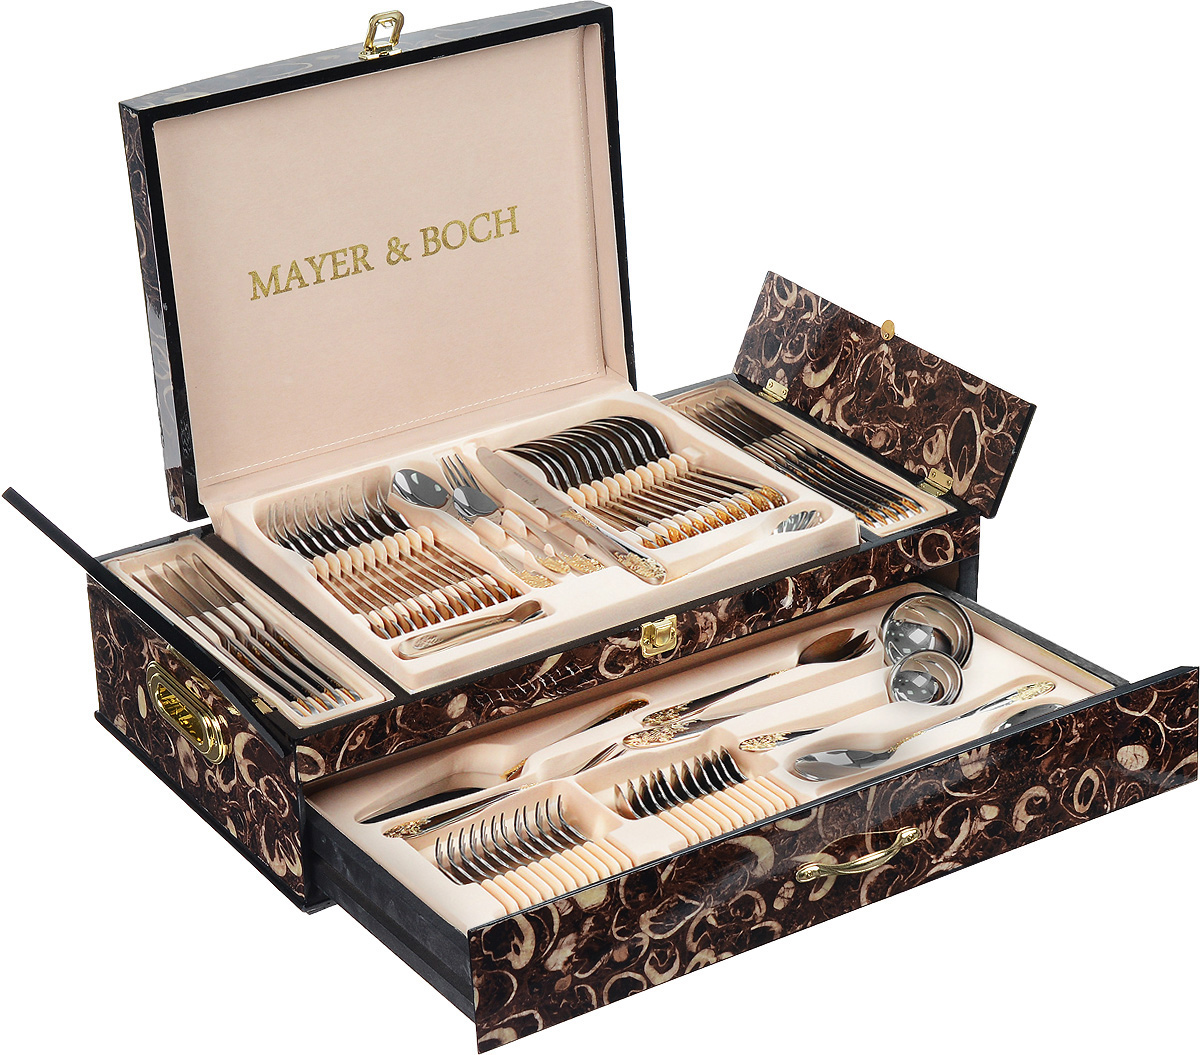 Набор столовых приборов Mayer&Boch, 73 предмета. 23450VT-1520(SR)Набор столовых приборов Mayer & Boch состоит из 73 предметов на 12 персон. В набор входит: 12 столовых ножей, 12 столовых вилок, 12 столовых ложек, 12 десертных вилок, 12 чайных ложек, 2 ложки для картофеля, 2 вилки для мяса, лопатка для торта, половник, ложка для соуса, набор для салата, ложка для сахара, щипцы для сахара и льда, ложка для сливок. Столовые приборы выполнены из высококачественной нержавеющей стали, которая отличается высокими антикоррозионными свойствами, значительной устойчивостью к воздействию кислот и щелочей. Нержавеющая сталь не изменяет вкус и цвет пищи, не выделяет вредных веществ. Элегантные золотые узоры на столовых приборах выполнены по технологии плазменного напыления, обеспечивающего высокую износостойкость покрытия.Приборы упакованы в изысканный деревянный кейс, декорированный красивым узором. Столовый набор прекрасно подходит для сервировки стола как в домашнем быту, так и в профессиональных заведениях: кафе и ресторанах. Стильный, лаконичный дизайн и отличное качество столовых приборов делают набор желанной покупкой для любого, даже самого пристрастного клиента. Набор Mayer & Boch - стильный и дорогой подарок, который можно преподнести на свадьбу, на новоселье или к юбилею. Длина столовых ножей: 23 см.Длина столовых вилок: 20,5 см.Длина столовых ложек: 20,5 см.Длина десертных вилок: 15 см.Длина чайных ложек: 14,5 см.Длина лопатки для торта: 22 см.Длина половника: 27,5 см.Размер рабочей части половника: 10 х 7,5 см. Длина половника для соуса: 17 см.Размер рабочей части половника для соуса: 7 х 5,5 см. Длина предметов набора для салата (2 предмета): 19,5 см.Длина ложки для сахара: 14 см.Длина ложек для картофеля: 20,5 см.Длина щипцов: 11 см.Длина ложки для сливок: 19 см.Длина вилок для мясных блюд: 16 см. Размер кейса: 55 х 30 х 18 см.